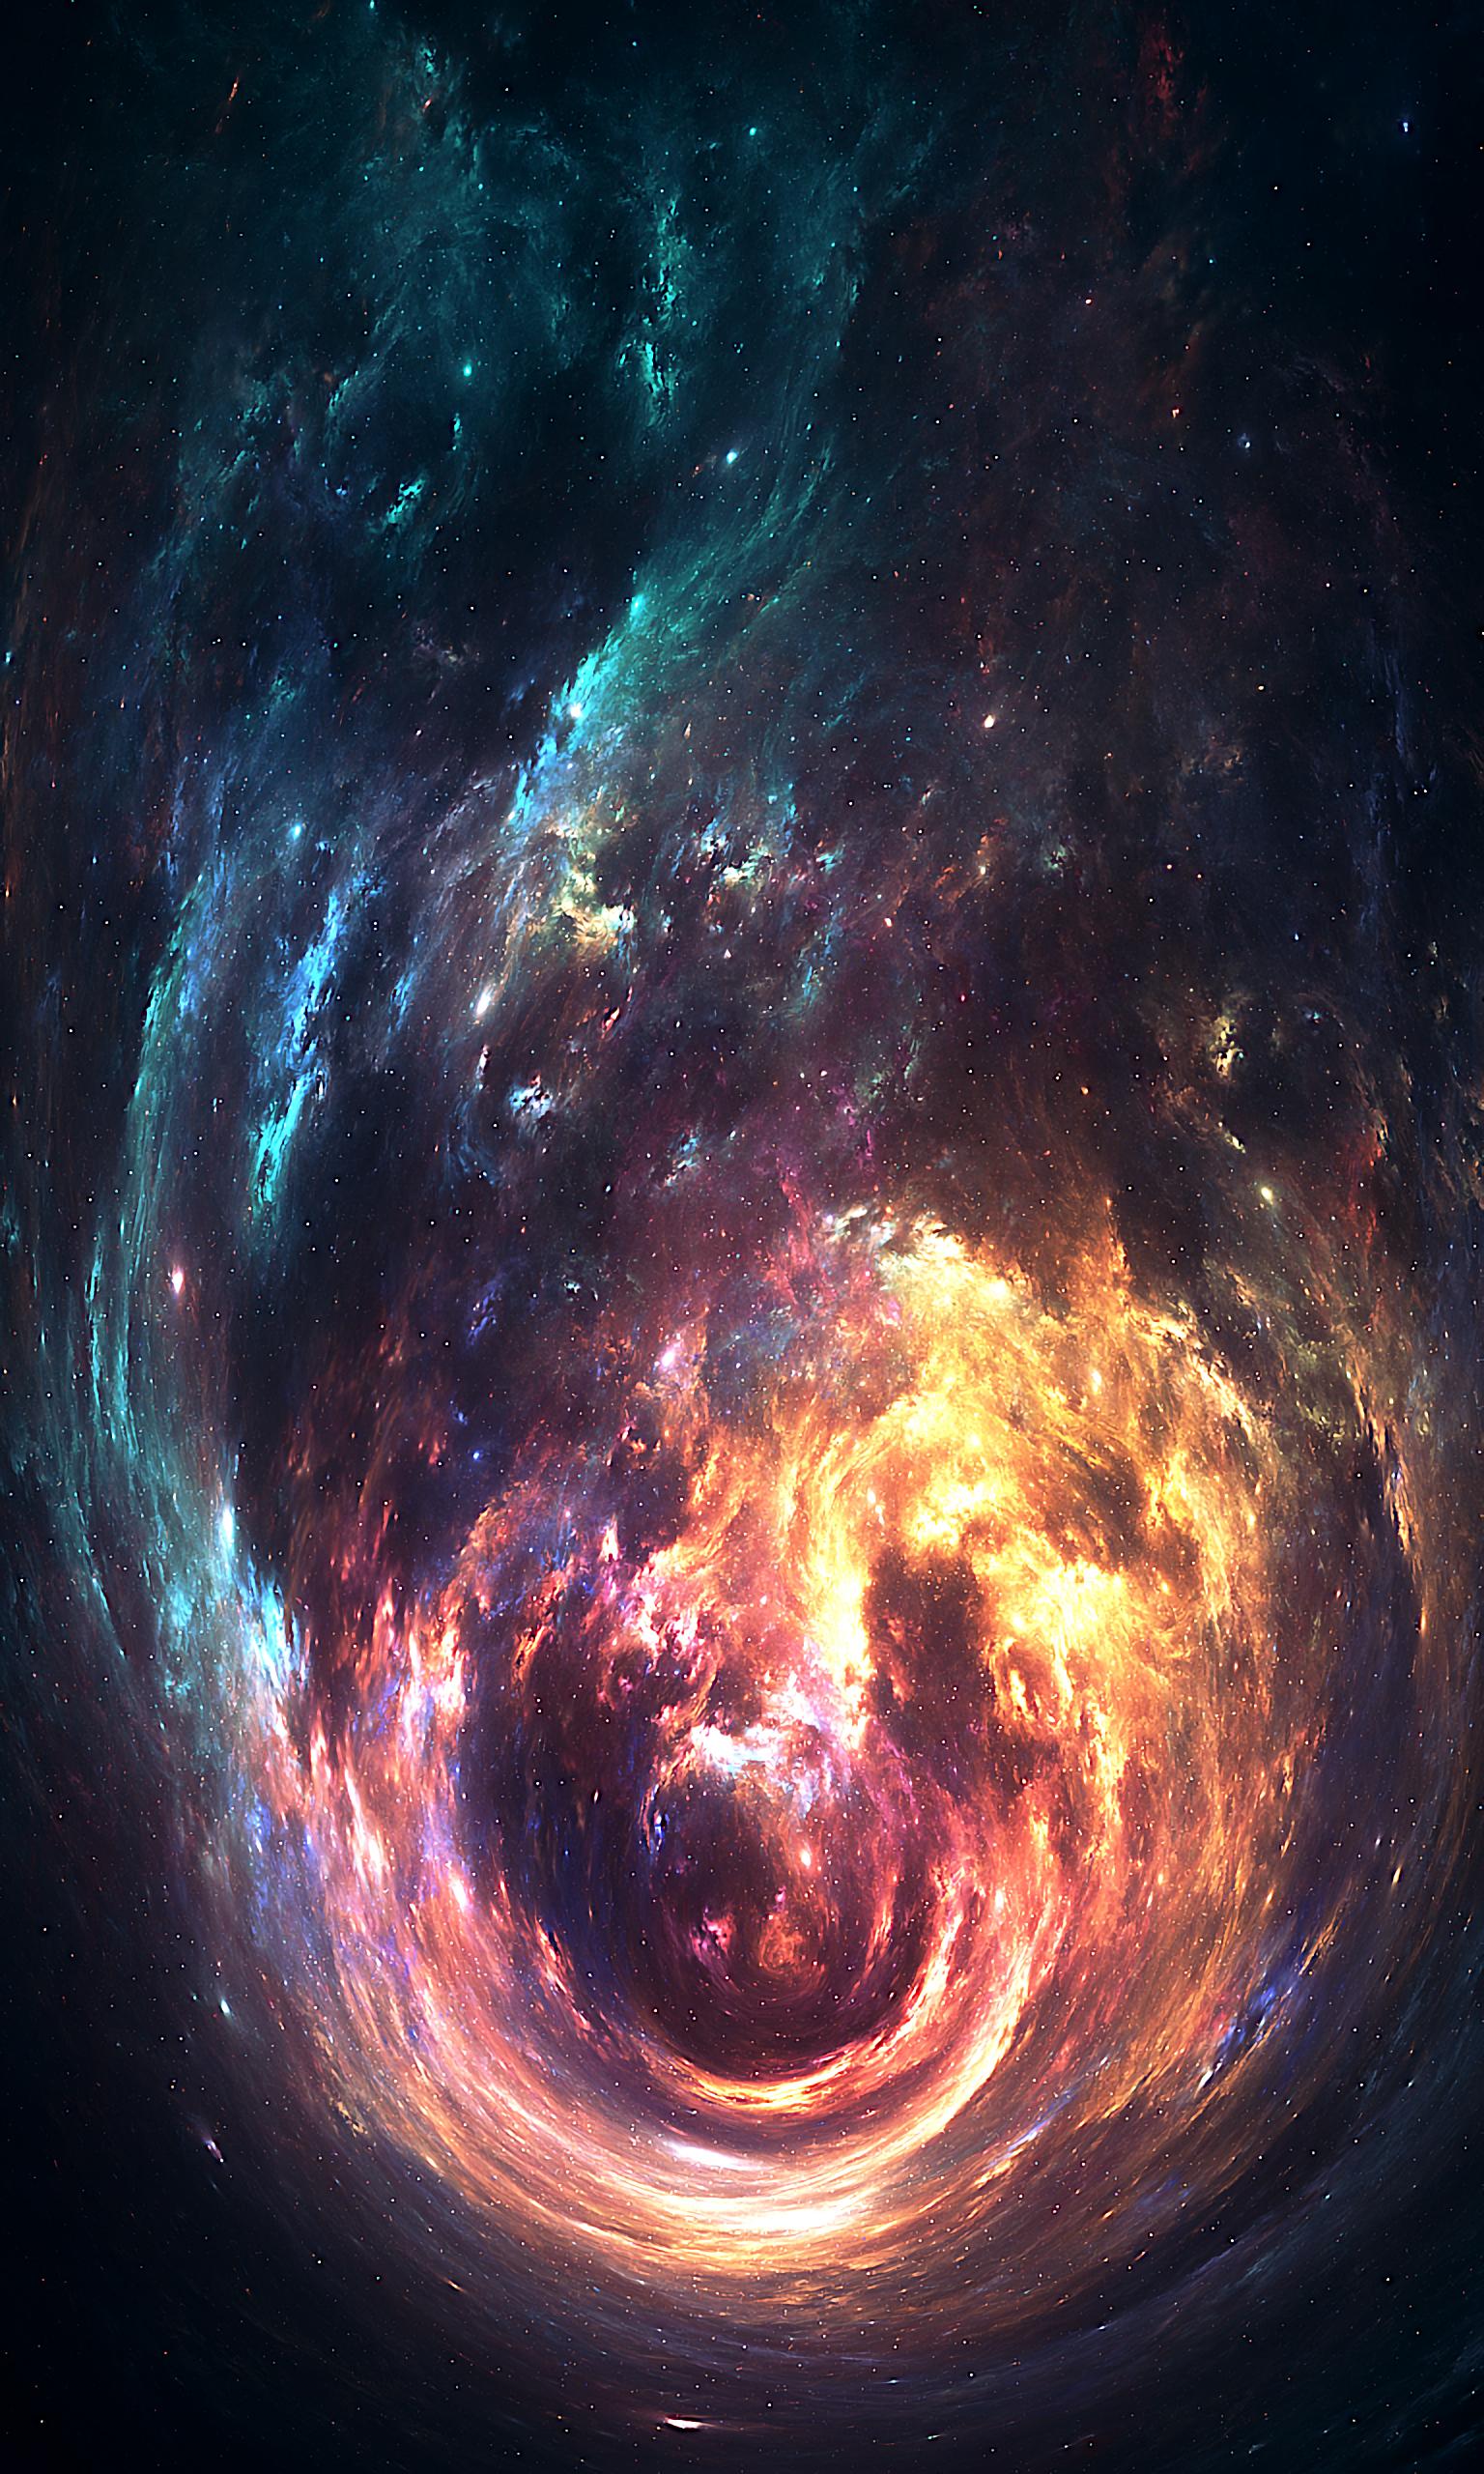 105777 免費下載壁紙 抽象, 星云, 云, 云端, 火热, 火焰, 明亮的, 明亮, 打旋, 旋转 屏保和圖片